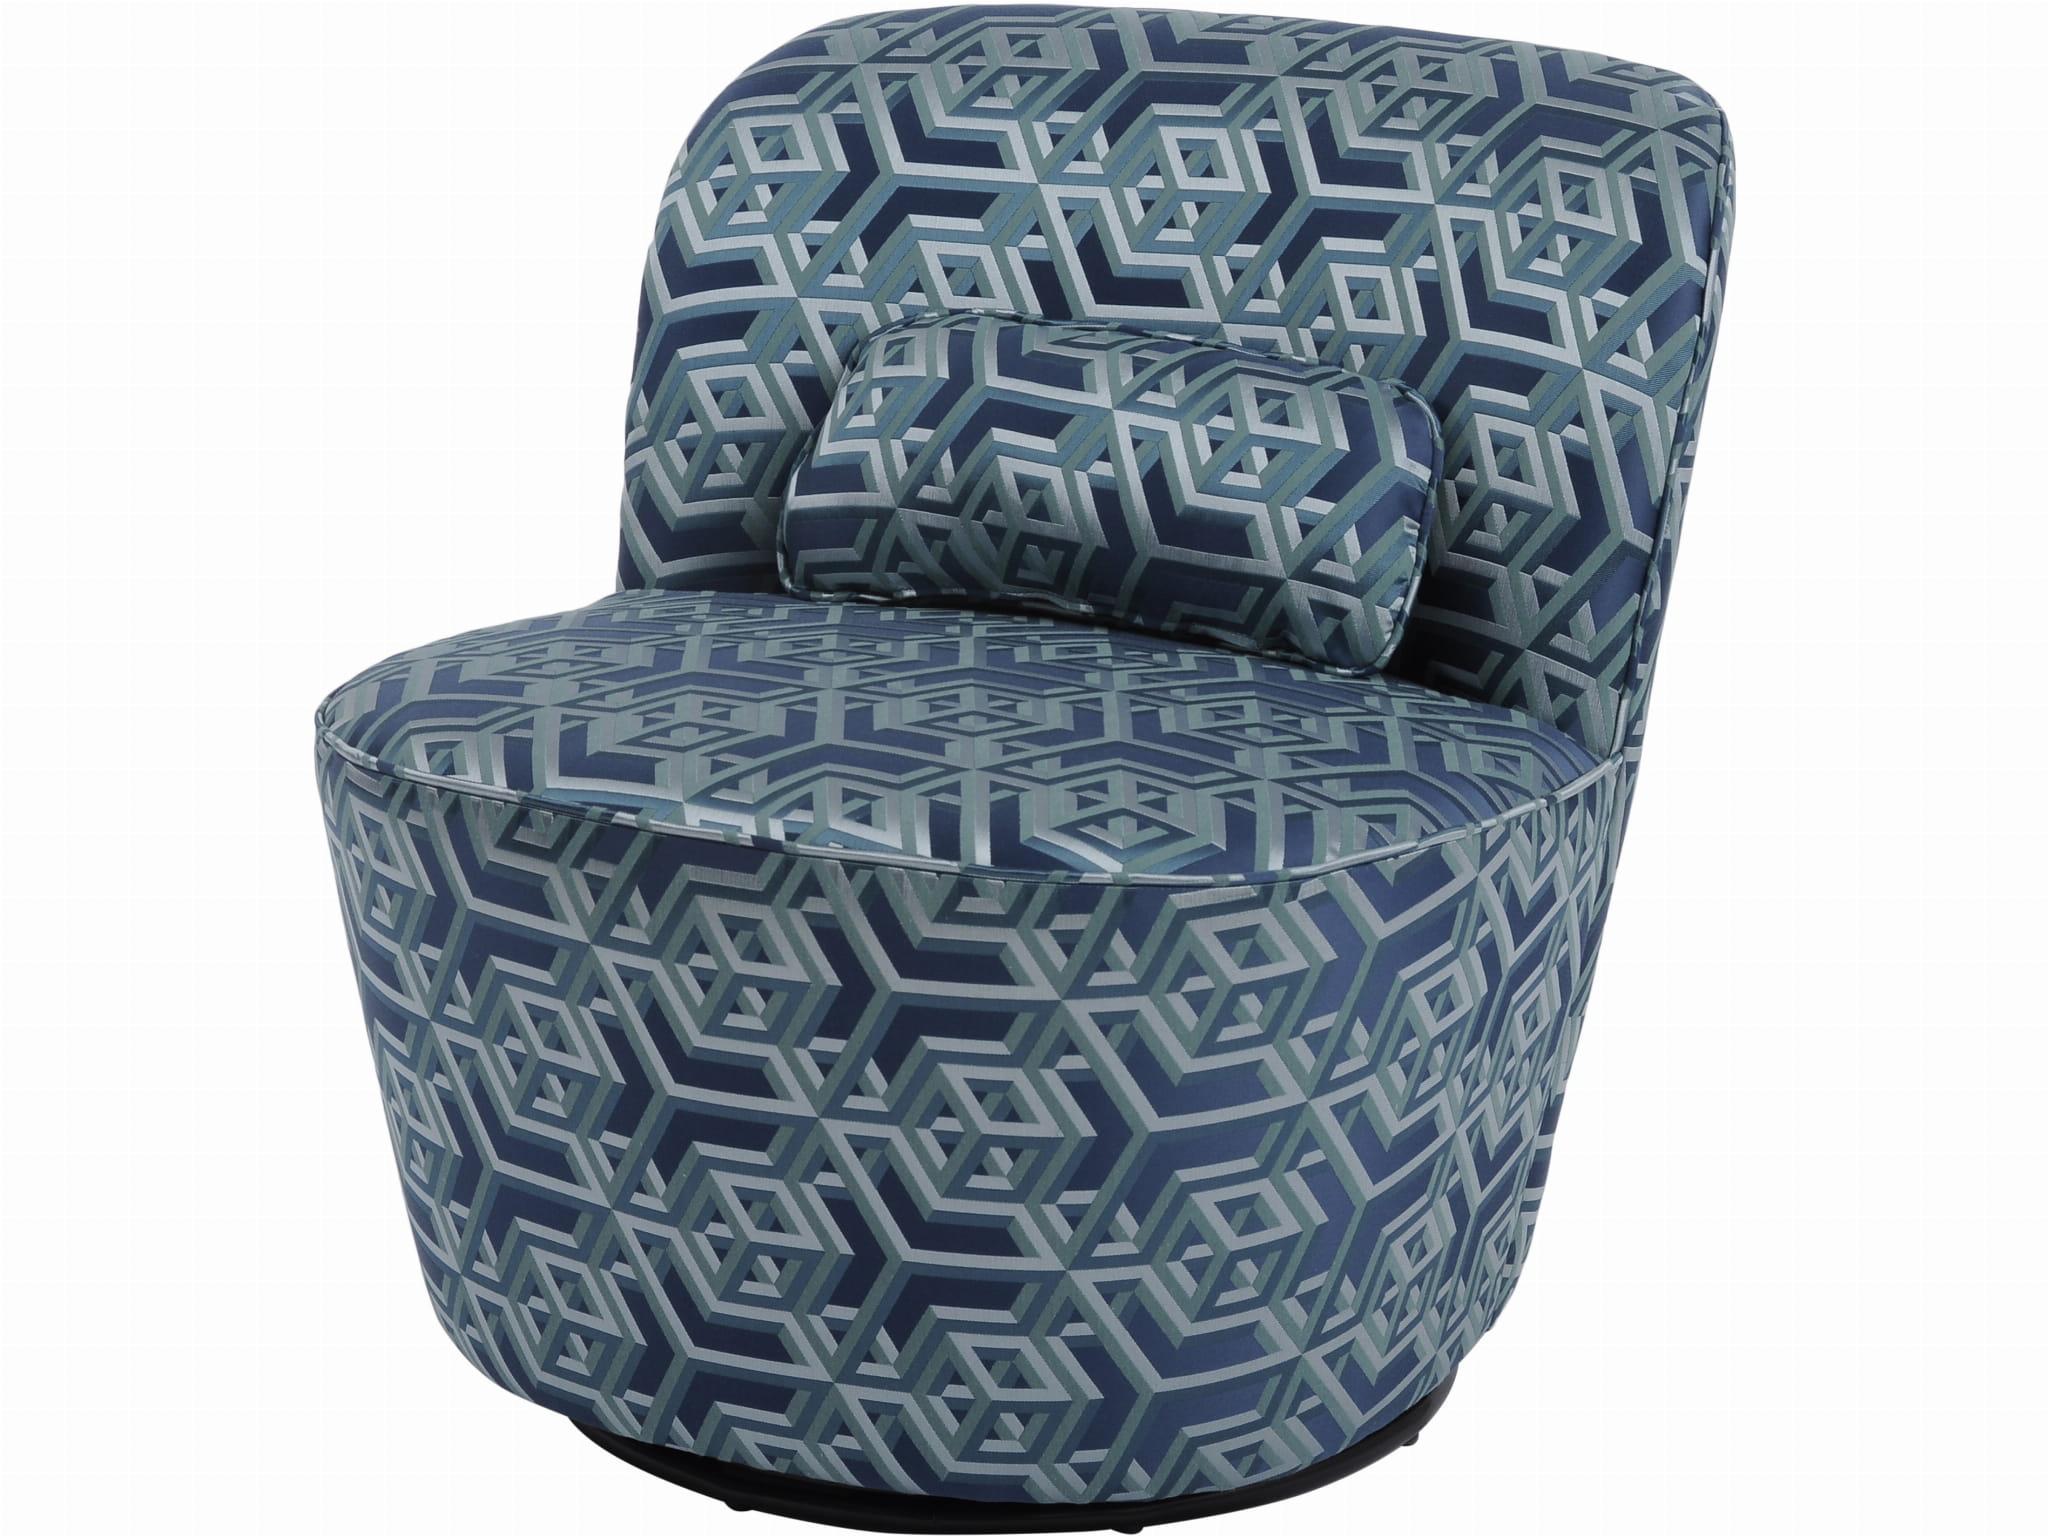 Niebiesko Zielony Fotel Obrotowy Greenwich W Stylu Retro